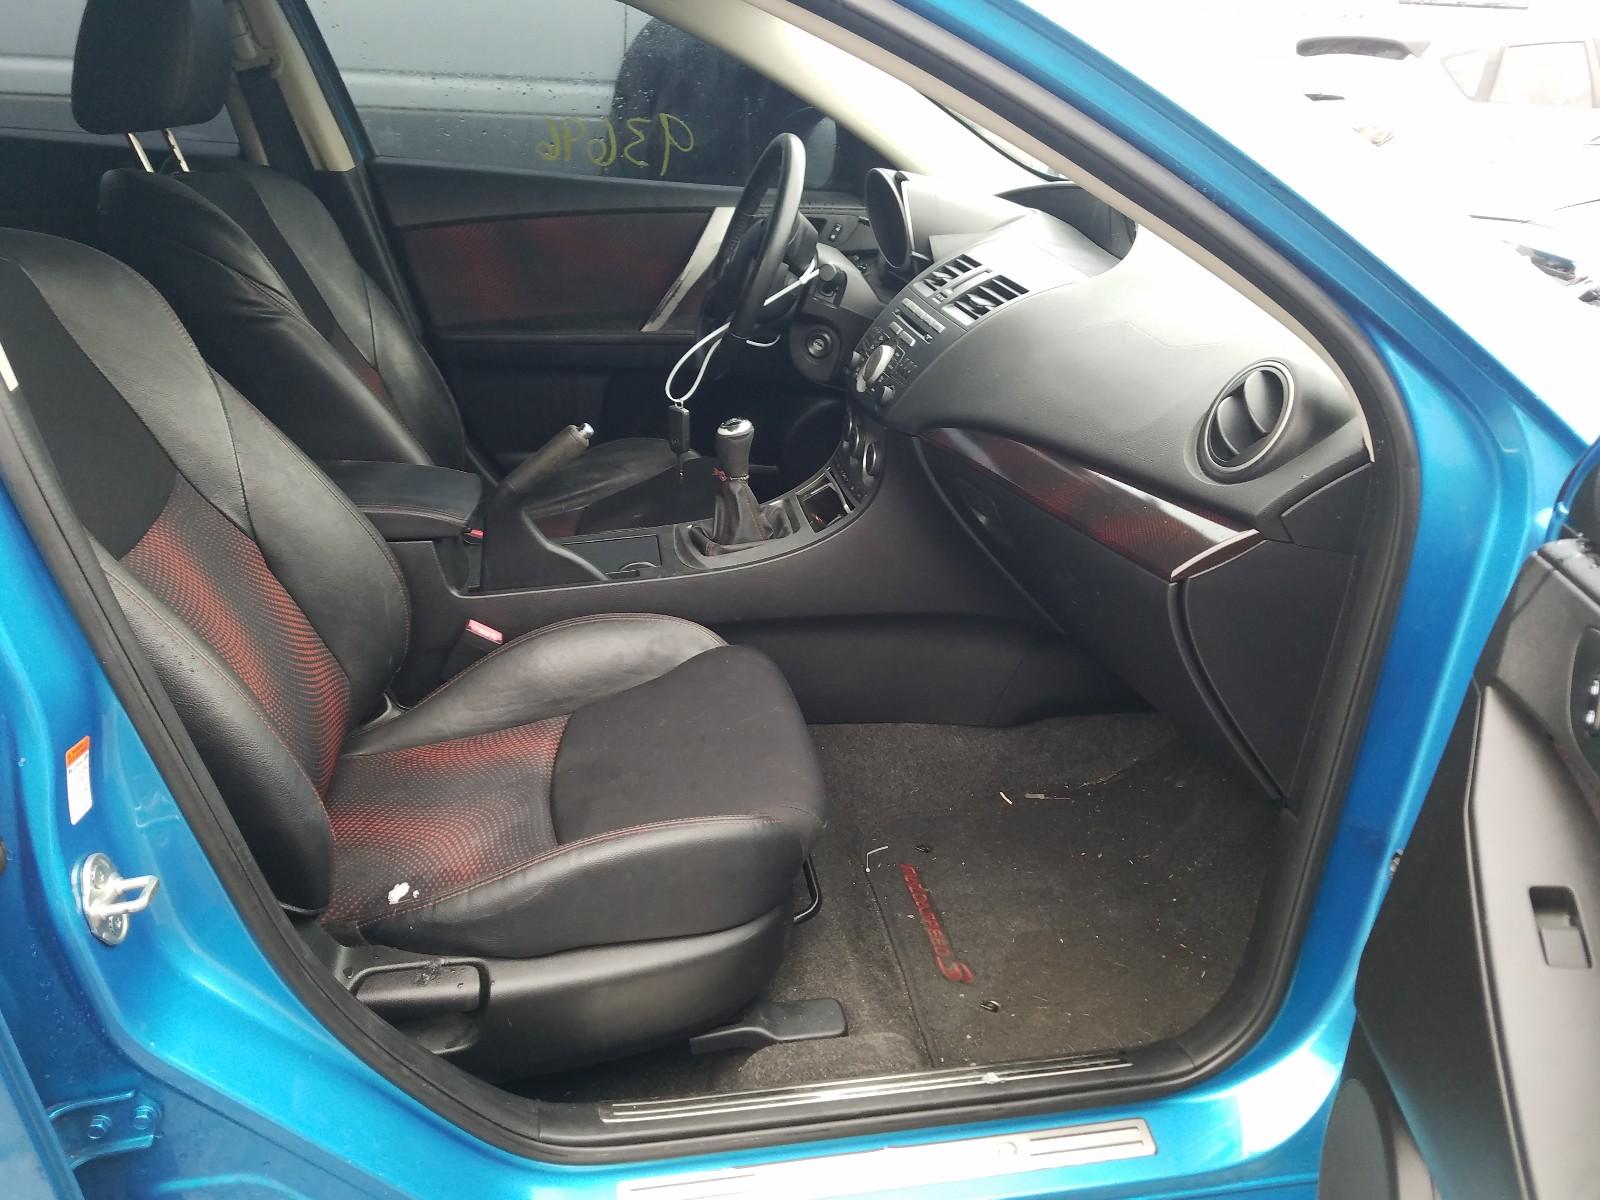 JM1BL1K37B1400261 - 2011 Mazda Speed 3 2.3L close up View